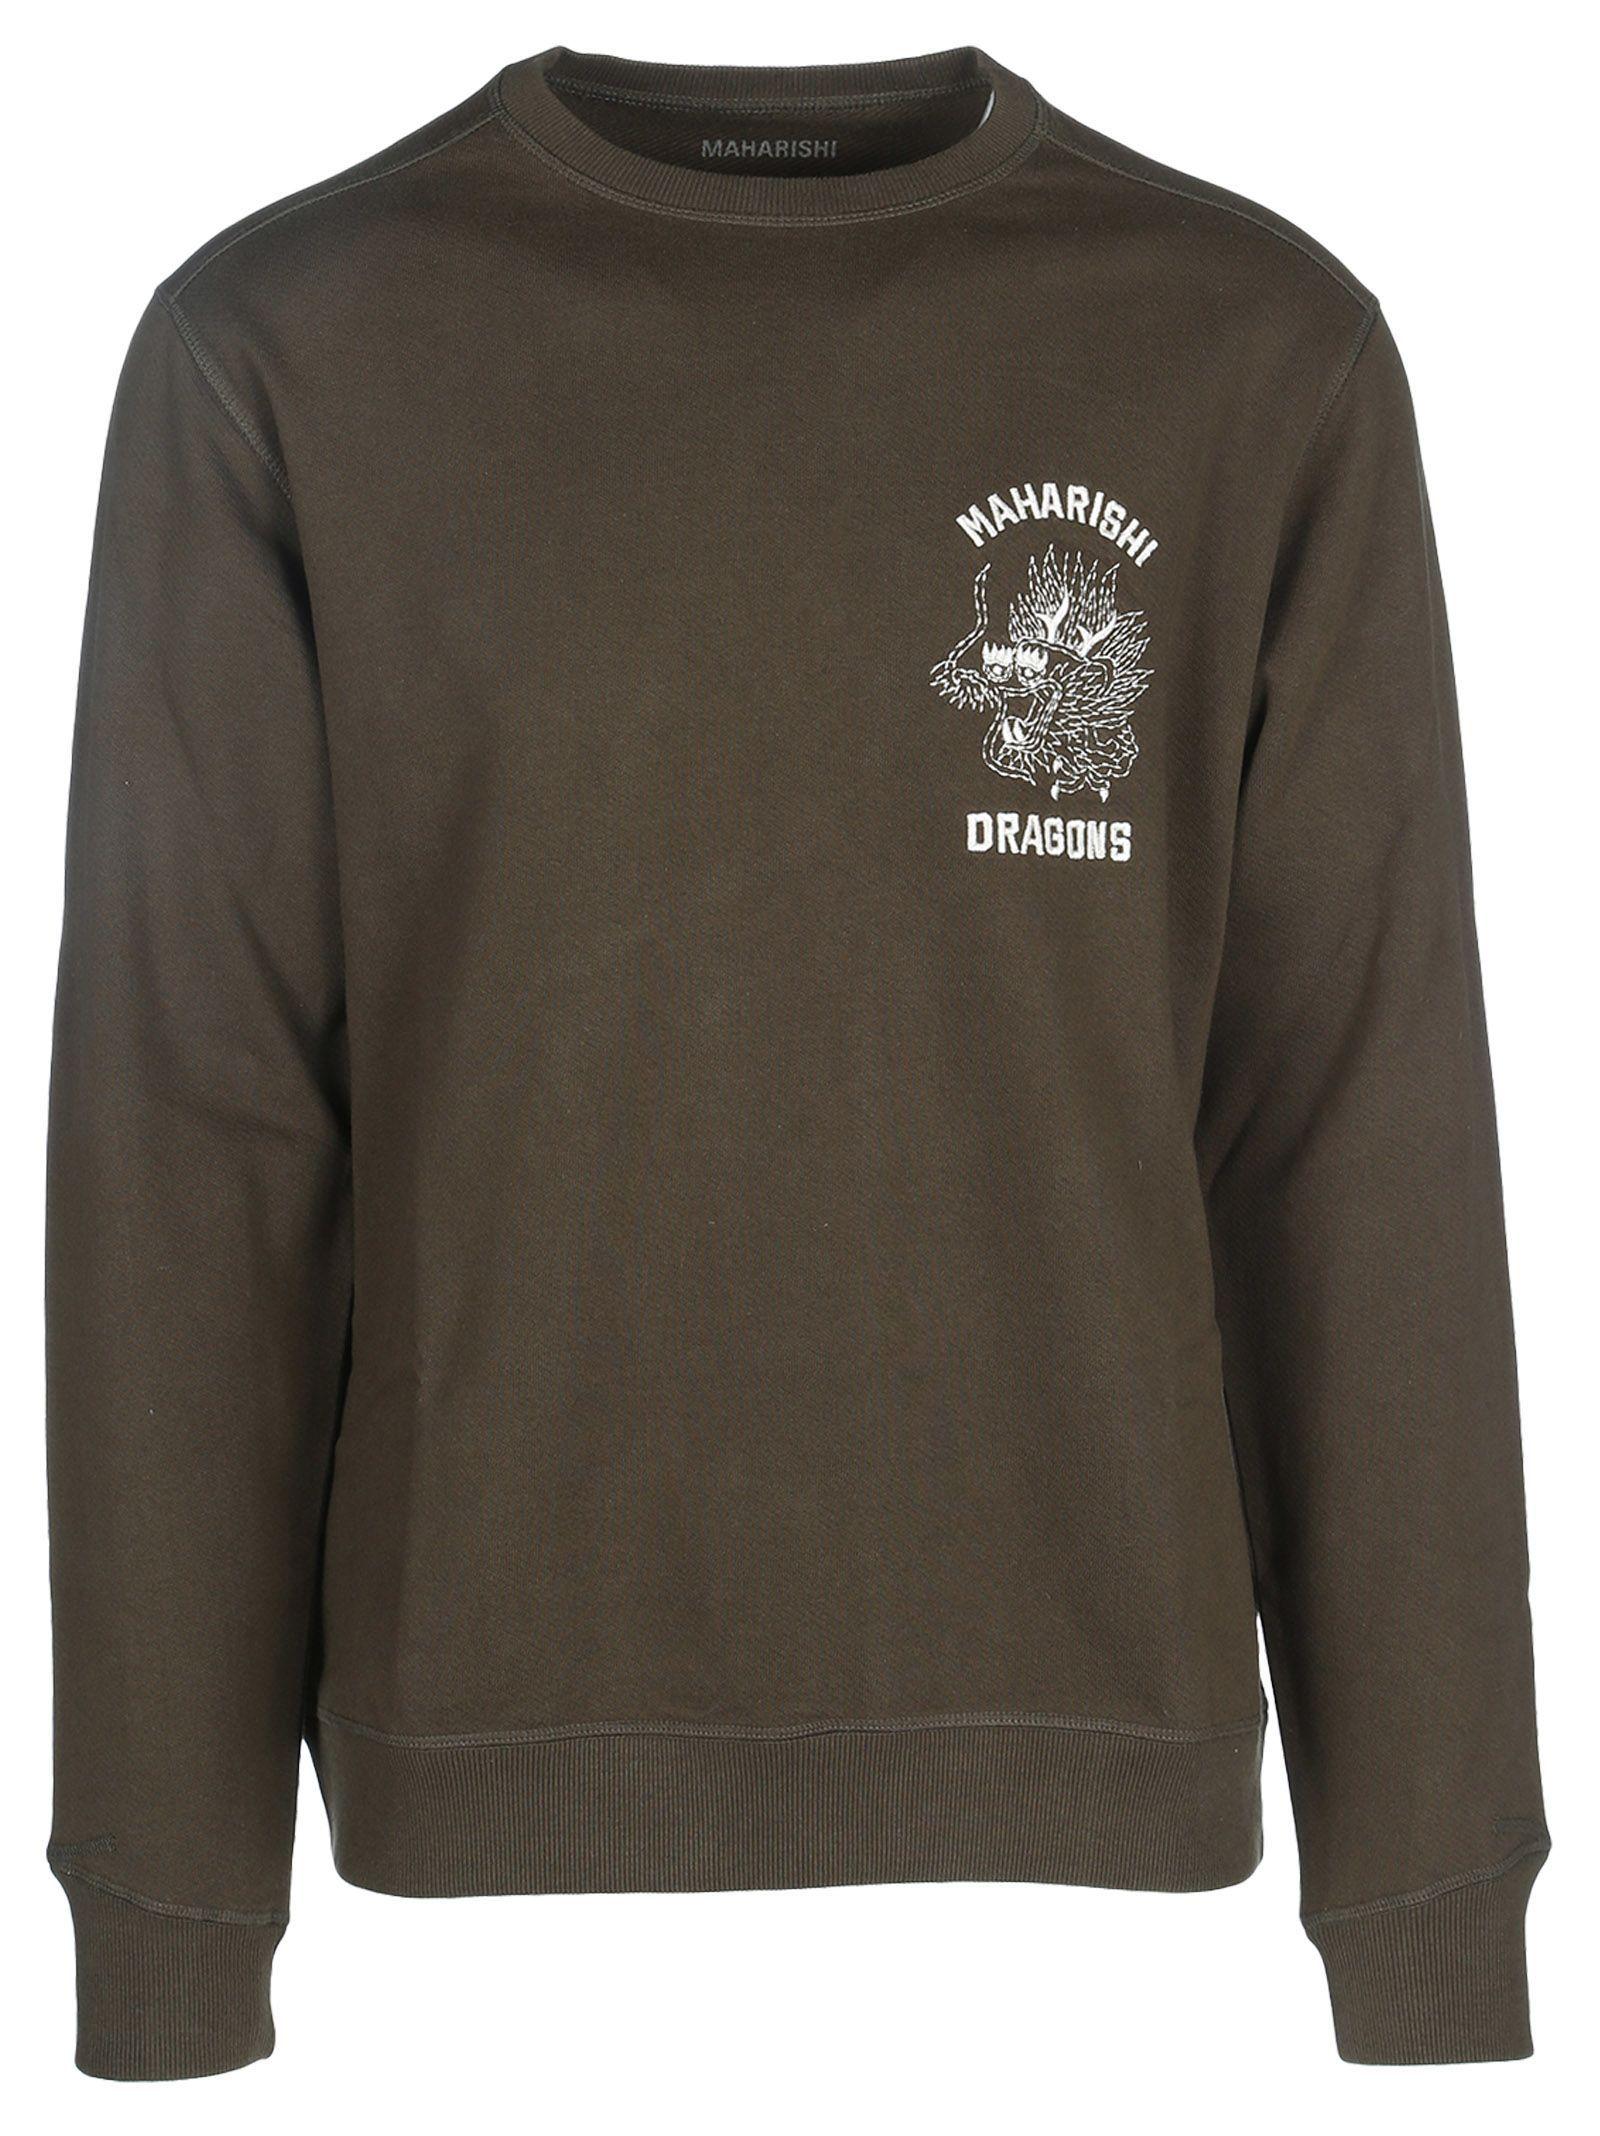 Sweatshirt Maharishi cloth maharishi Dragon Embroidered qxz6BUCw